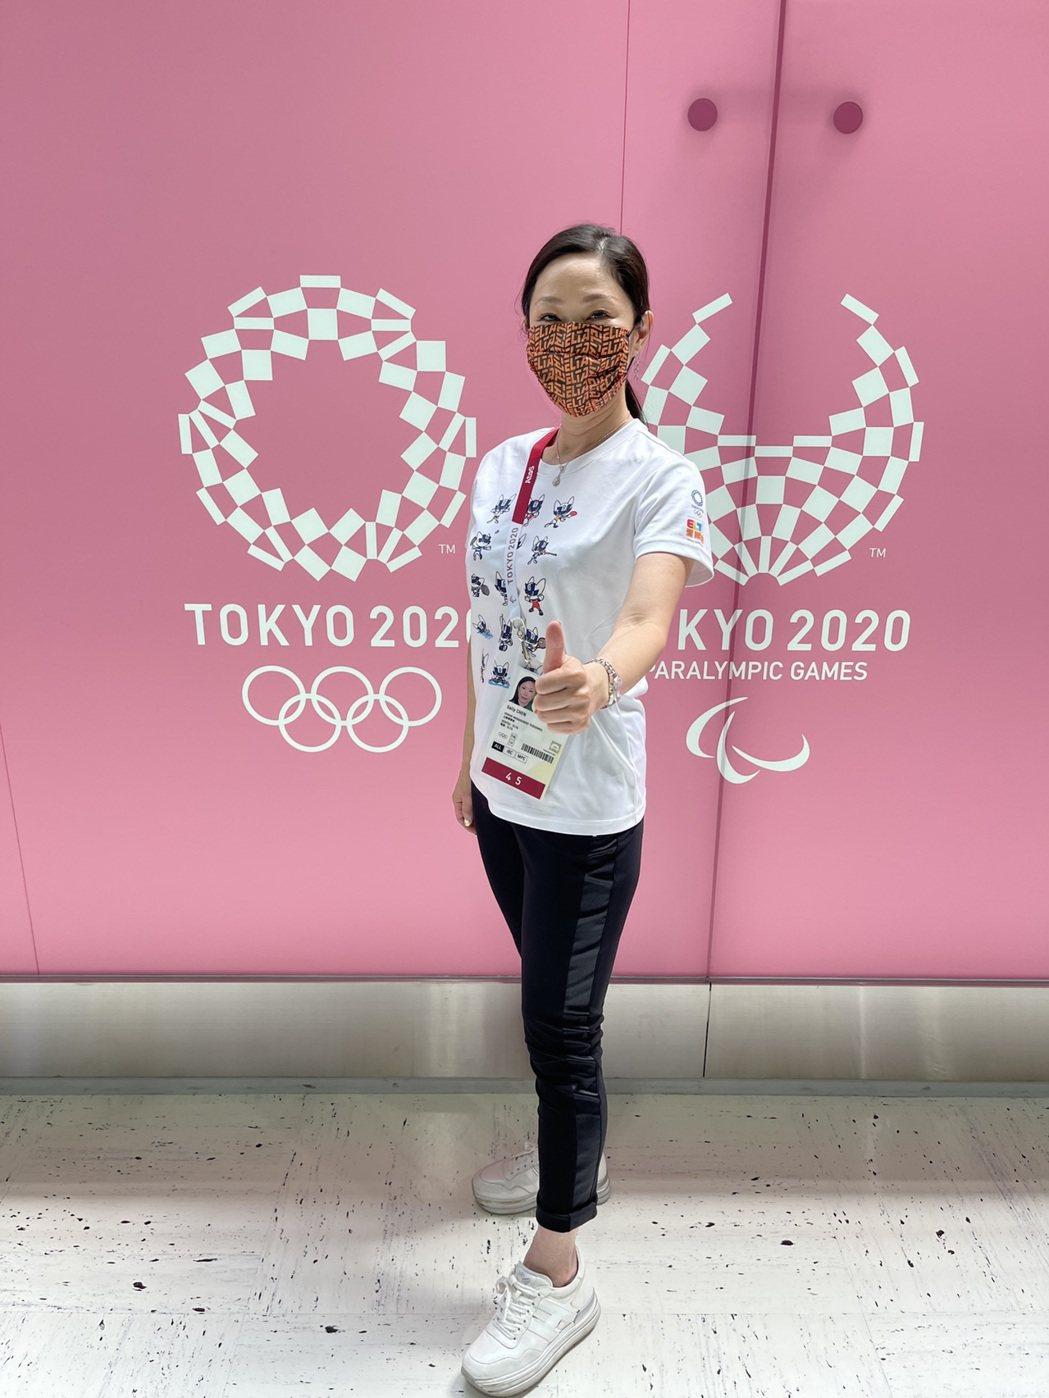 新媒體業者愛爾達今年轉播東京奧運,董事長暨執行長陳怡君(圖)親赴現場坐鎮指揮,並